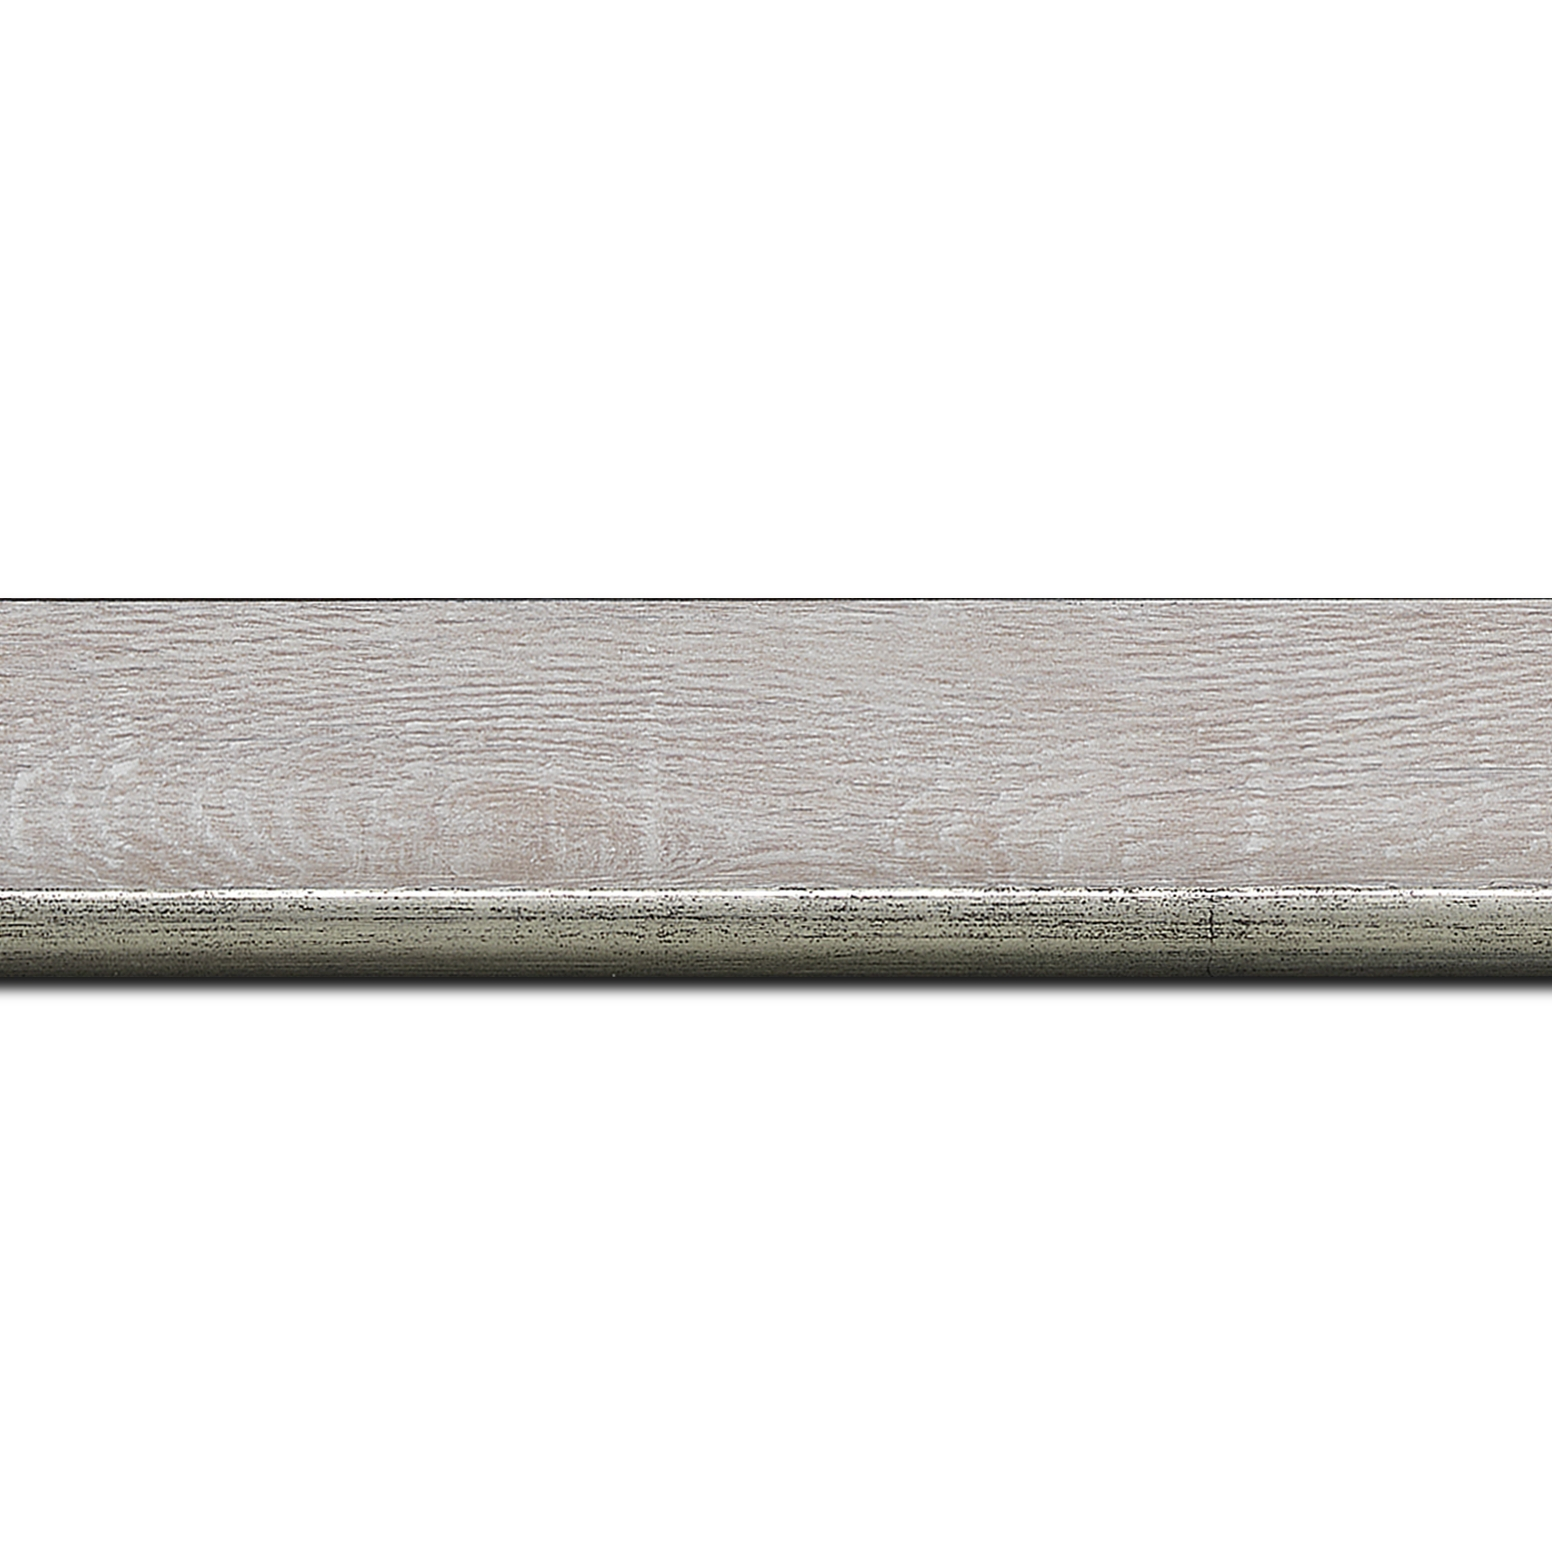 Pack par 12m, bois profil plat en pente largeur 3.5cm de couleur ton bois veiné teinté gris  filet argent chaud      (longueur baguette pouvant varier entre 2.40m et 3m selon arrivage des bois)